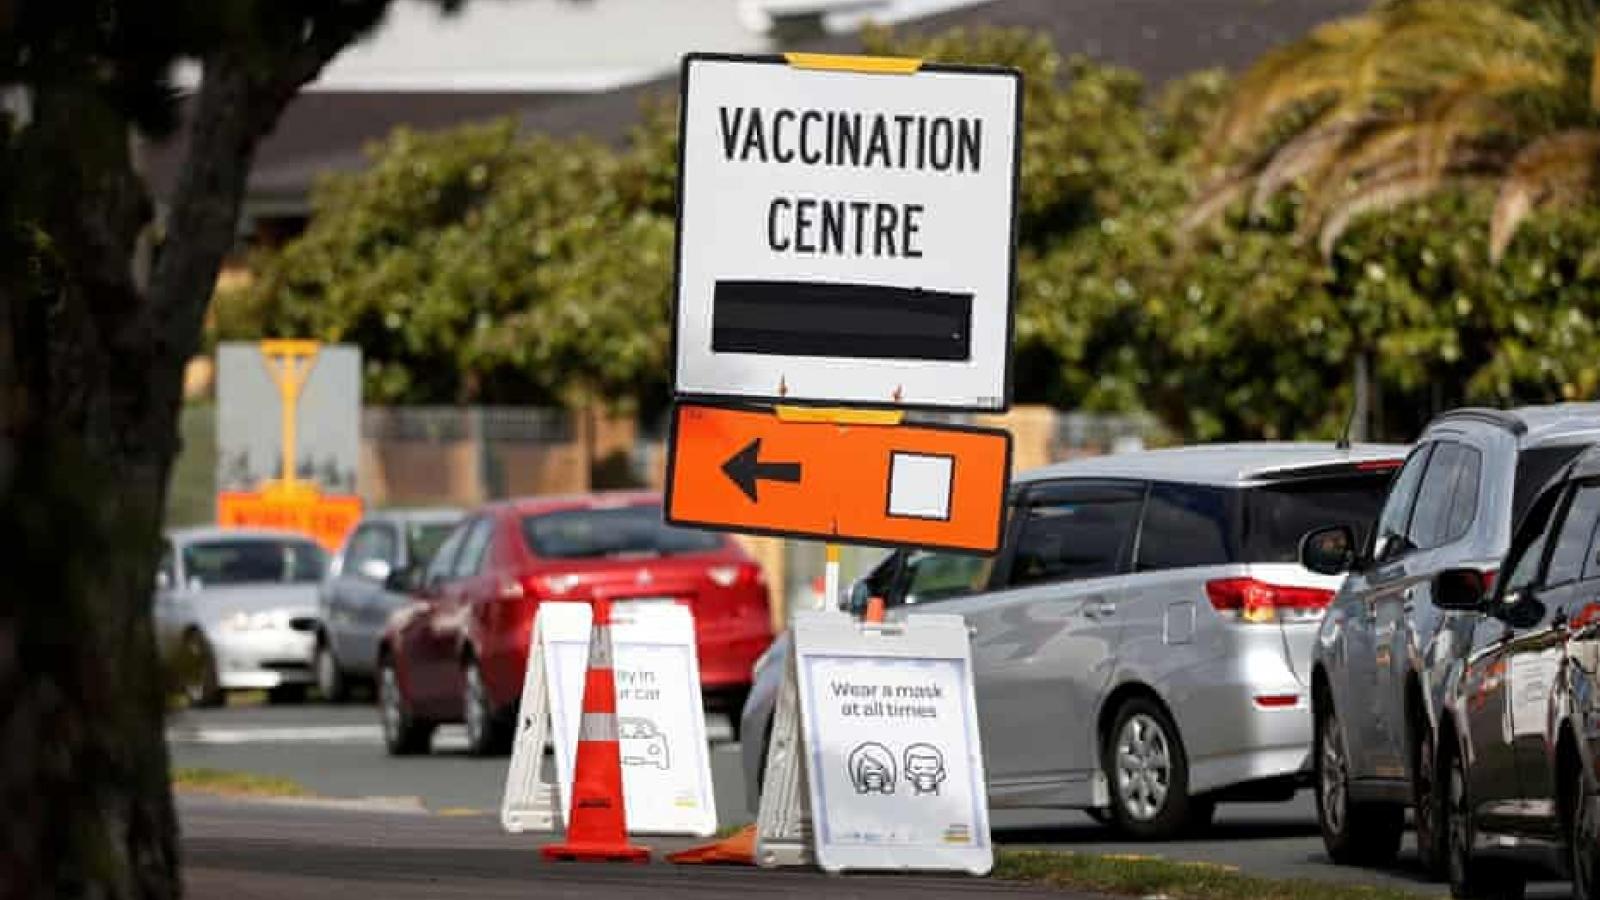 New Zealand đặt mục tiêu tiêm chủng 90% dân số để chấm dứt phong tỏa